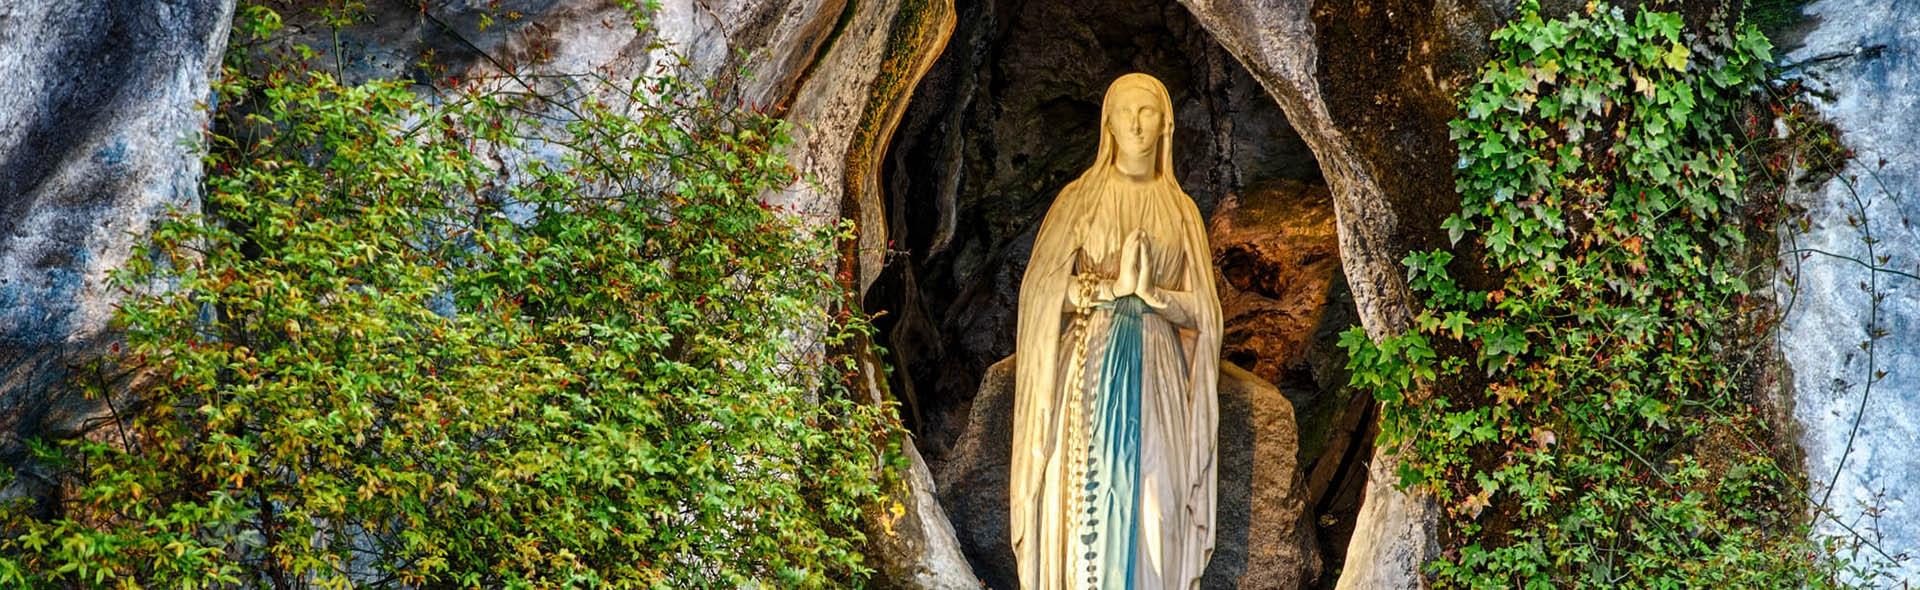 Viaggio a Lourdes in Aereo da Napoli Ottobre